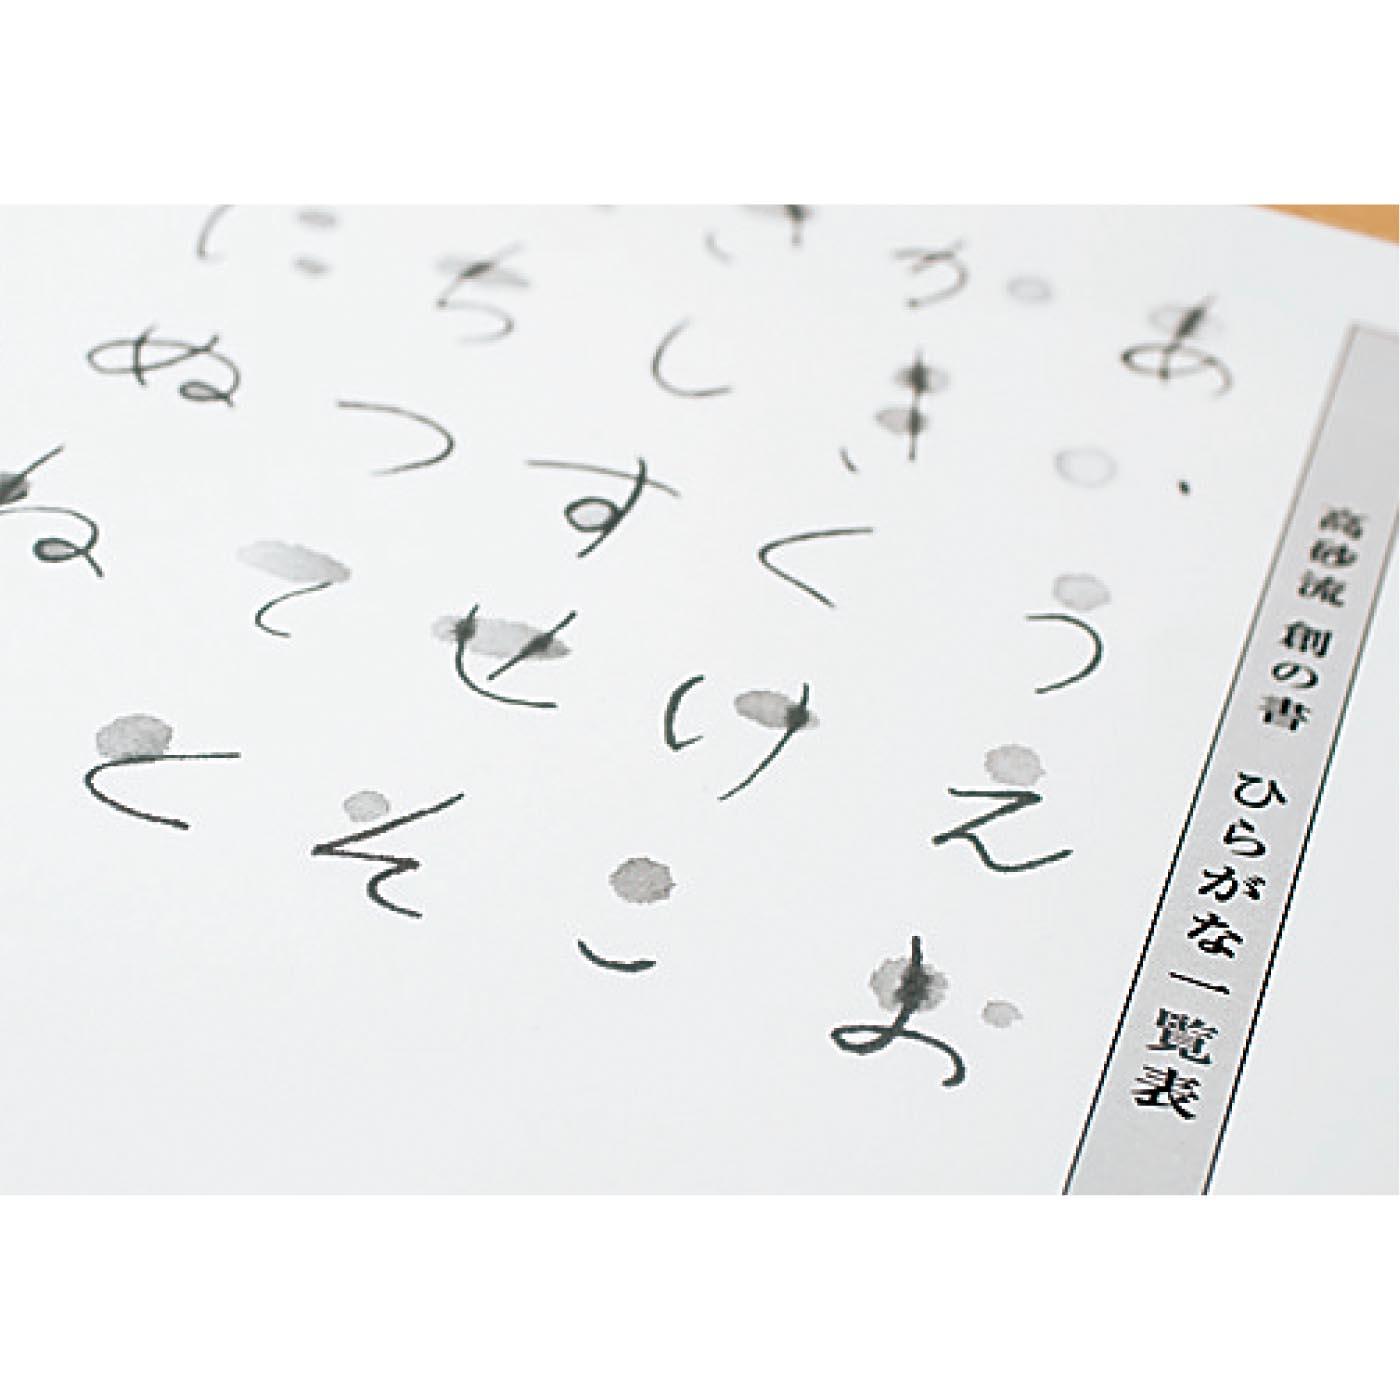 1.「あいうえお」から始める描き方の基本